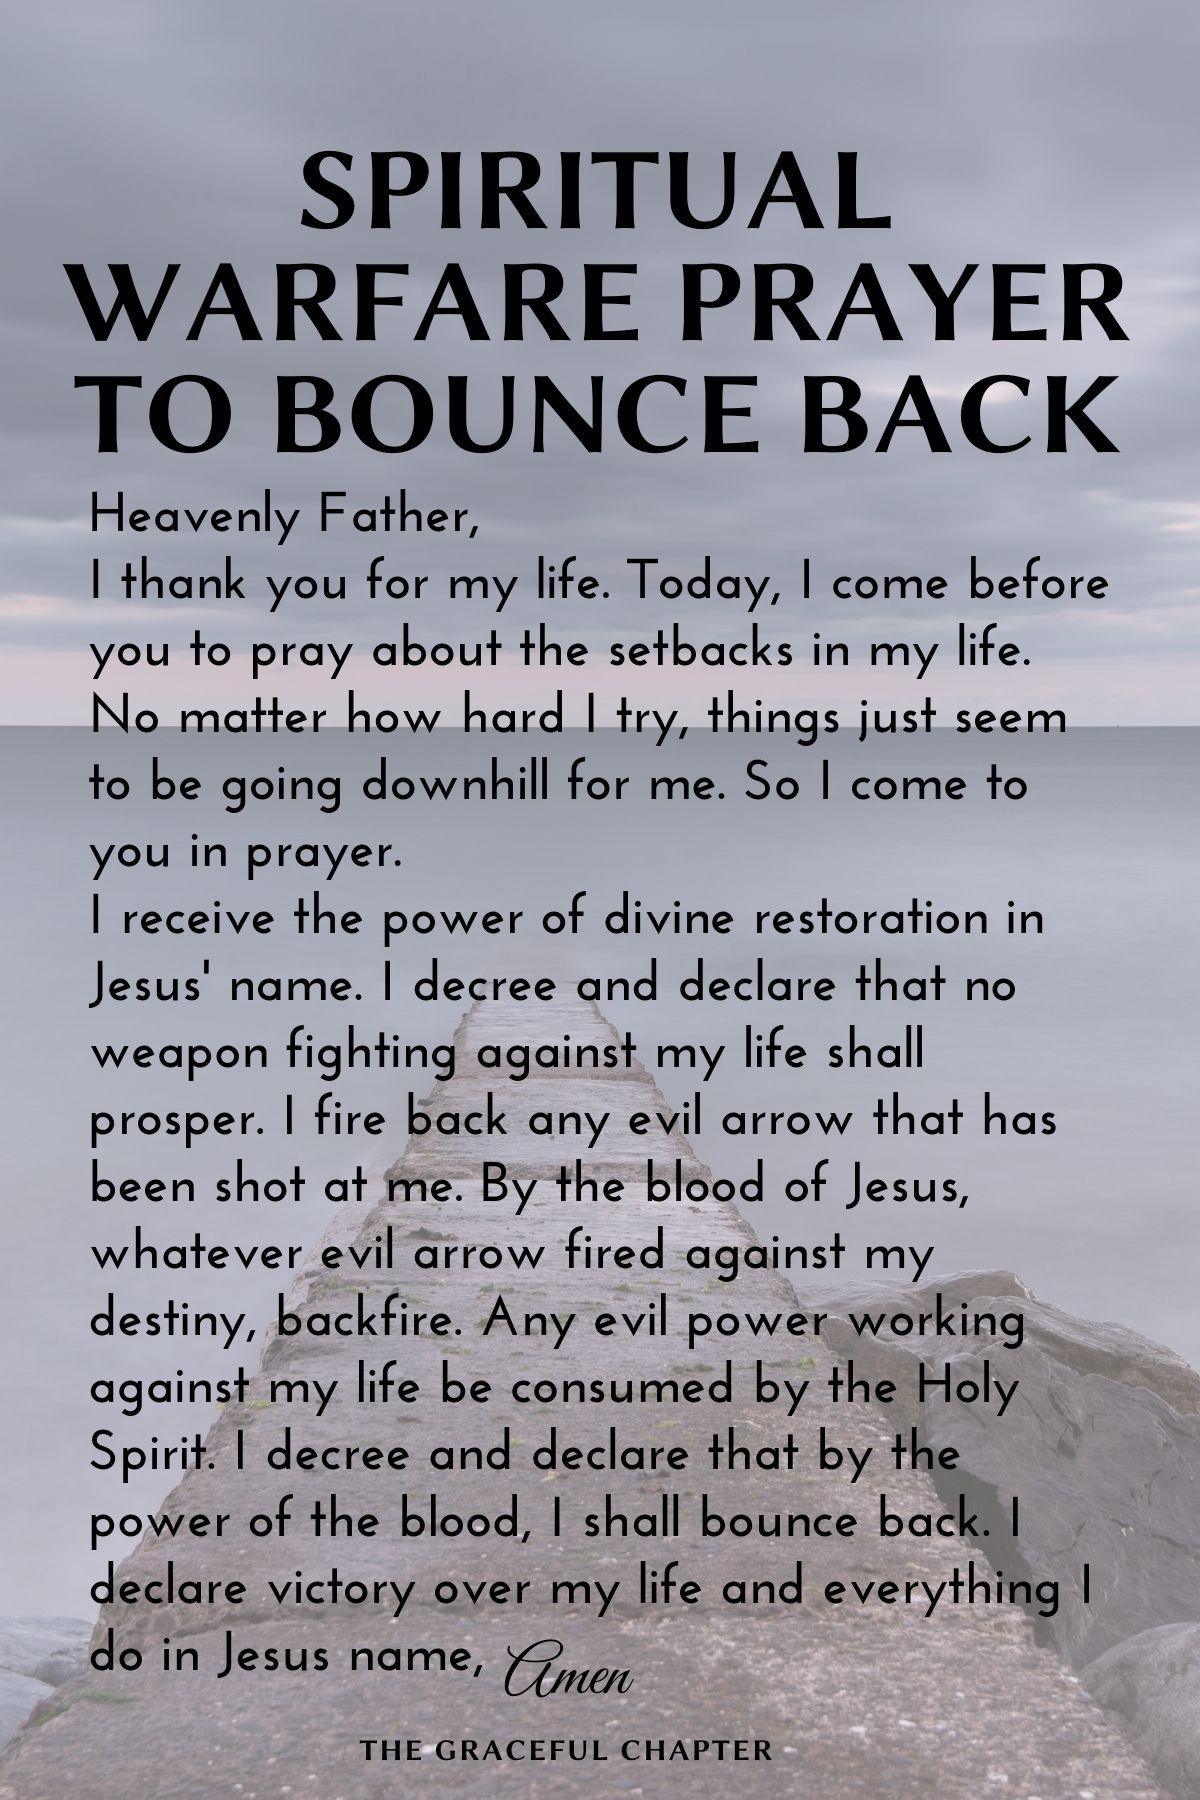 Spiritual warfare prayer to bounce back